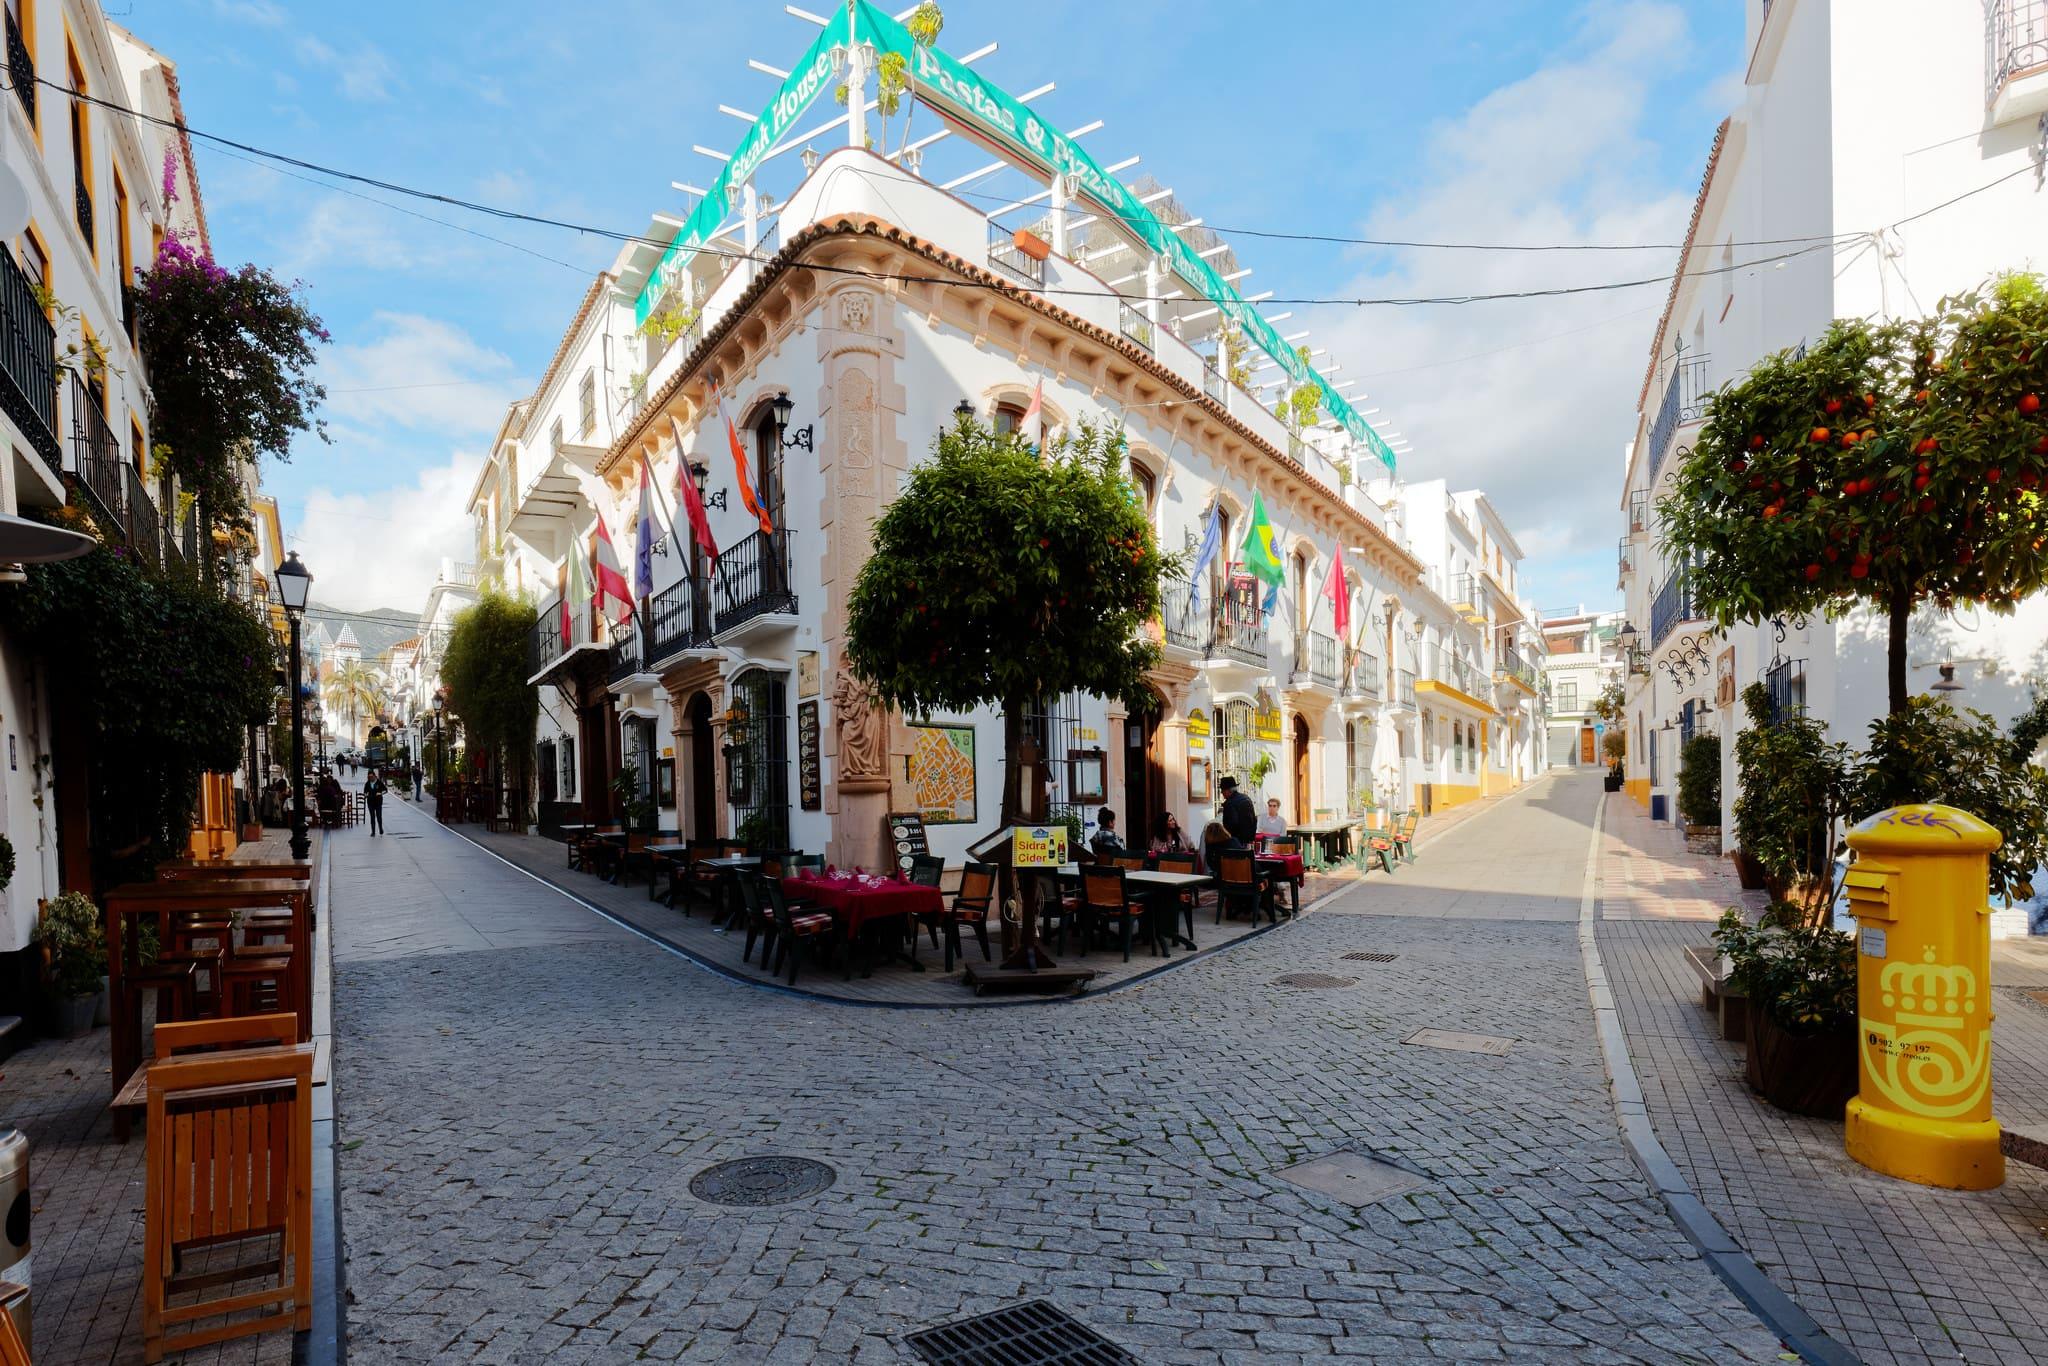 Viaggio in Andalusia - Marbella